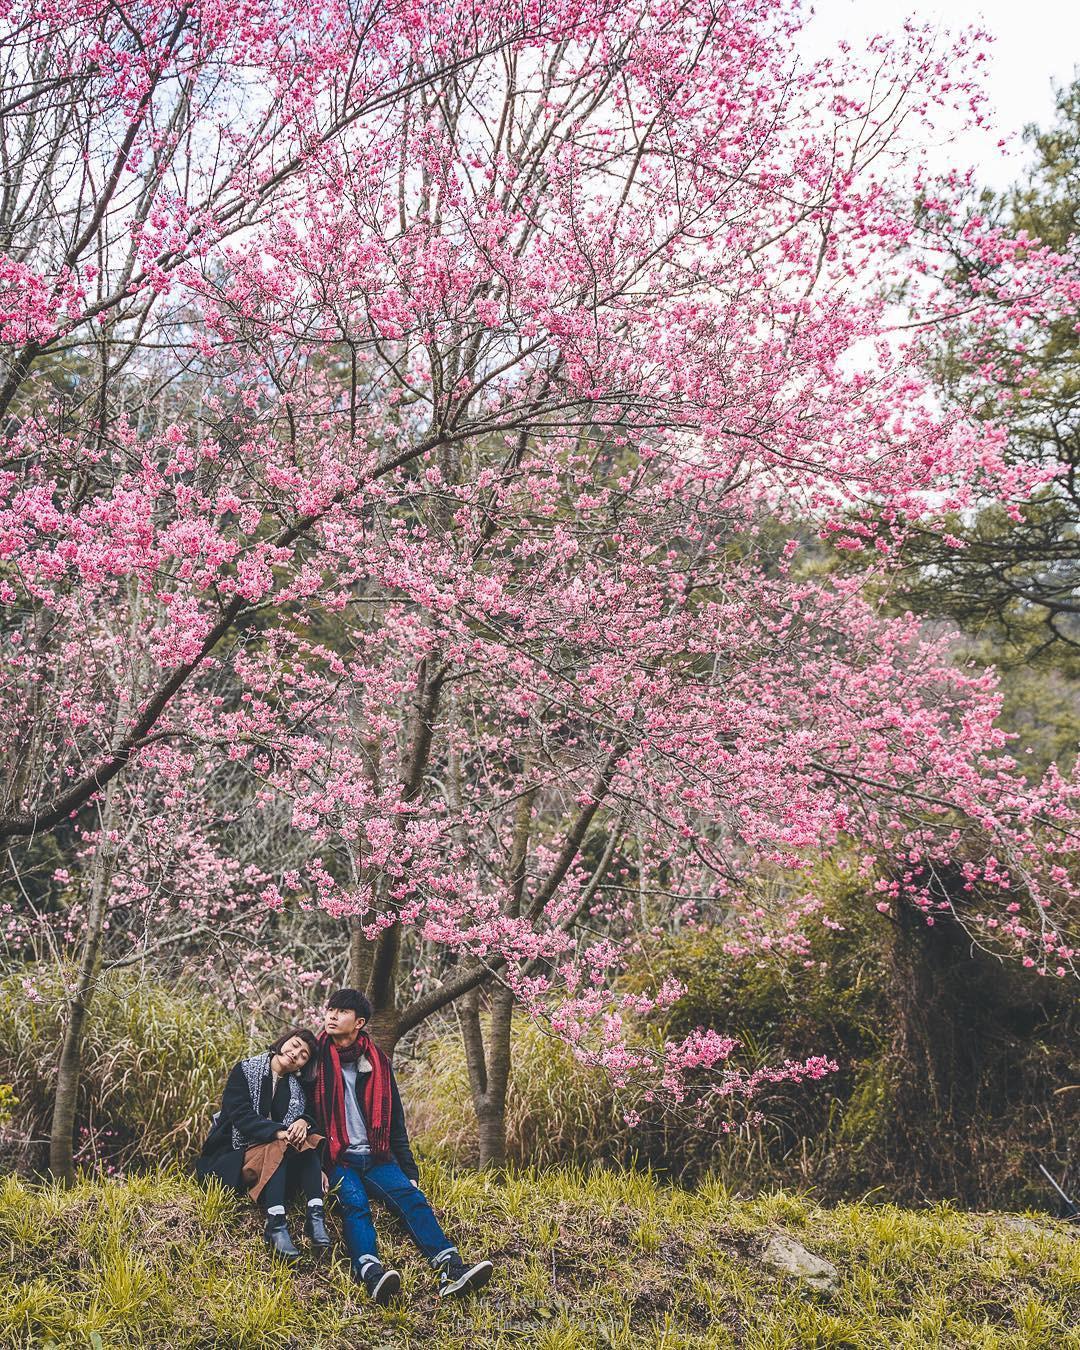 Đài Loan: Hoa anh đào lại nở rợp trời, tạo điều kiện cho trai gái dập dìu chơi xuân - Ảnh 11.